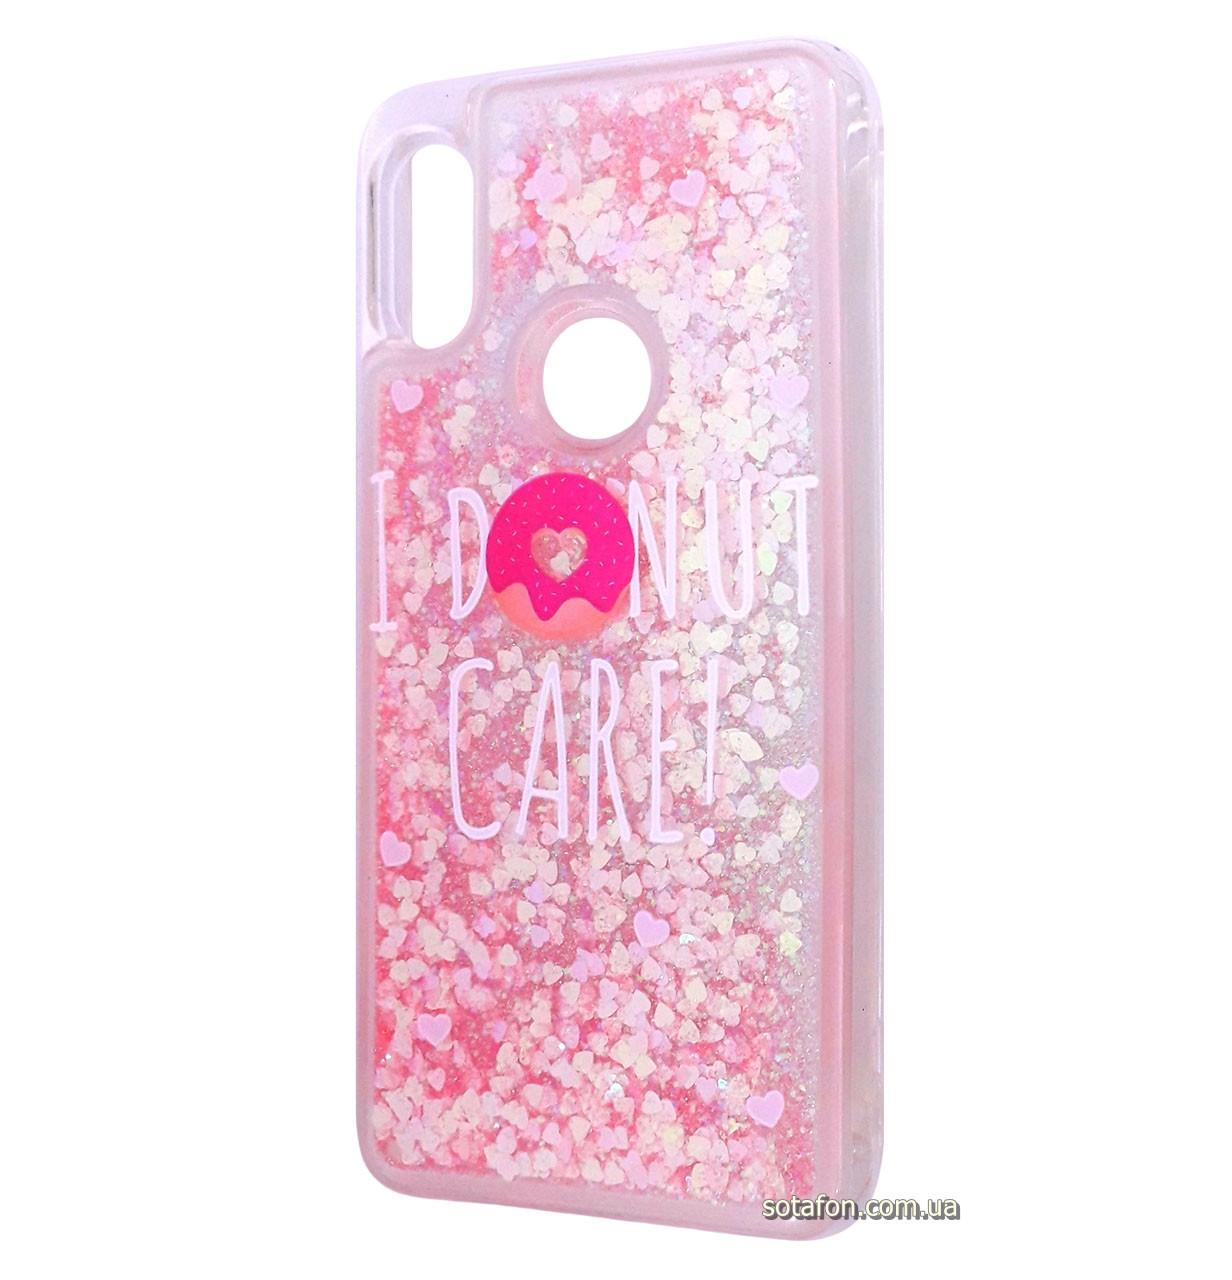 Чехол-накладка (Жидкий Блеск) I Donut Care! для Xiaomi Redmi Note 6 Pro Pink